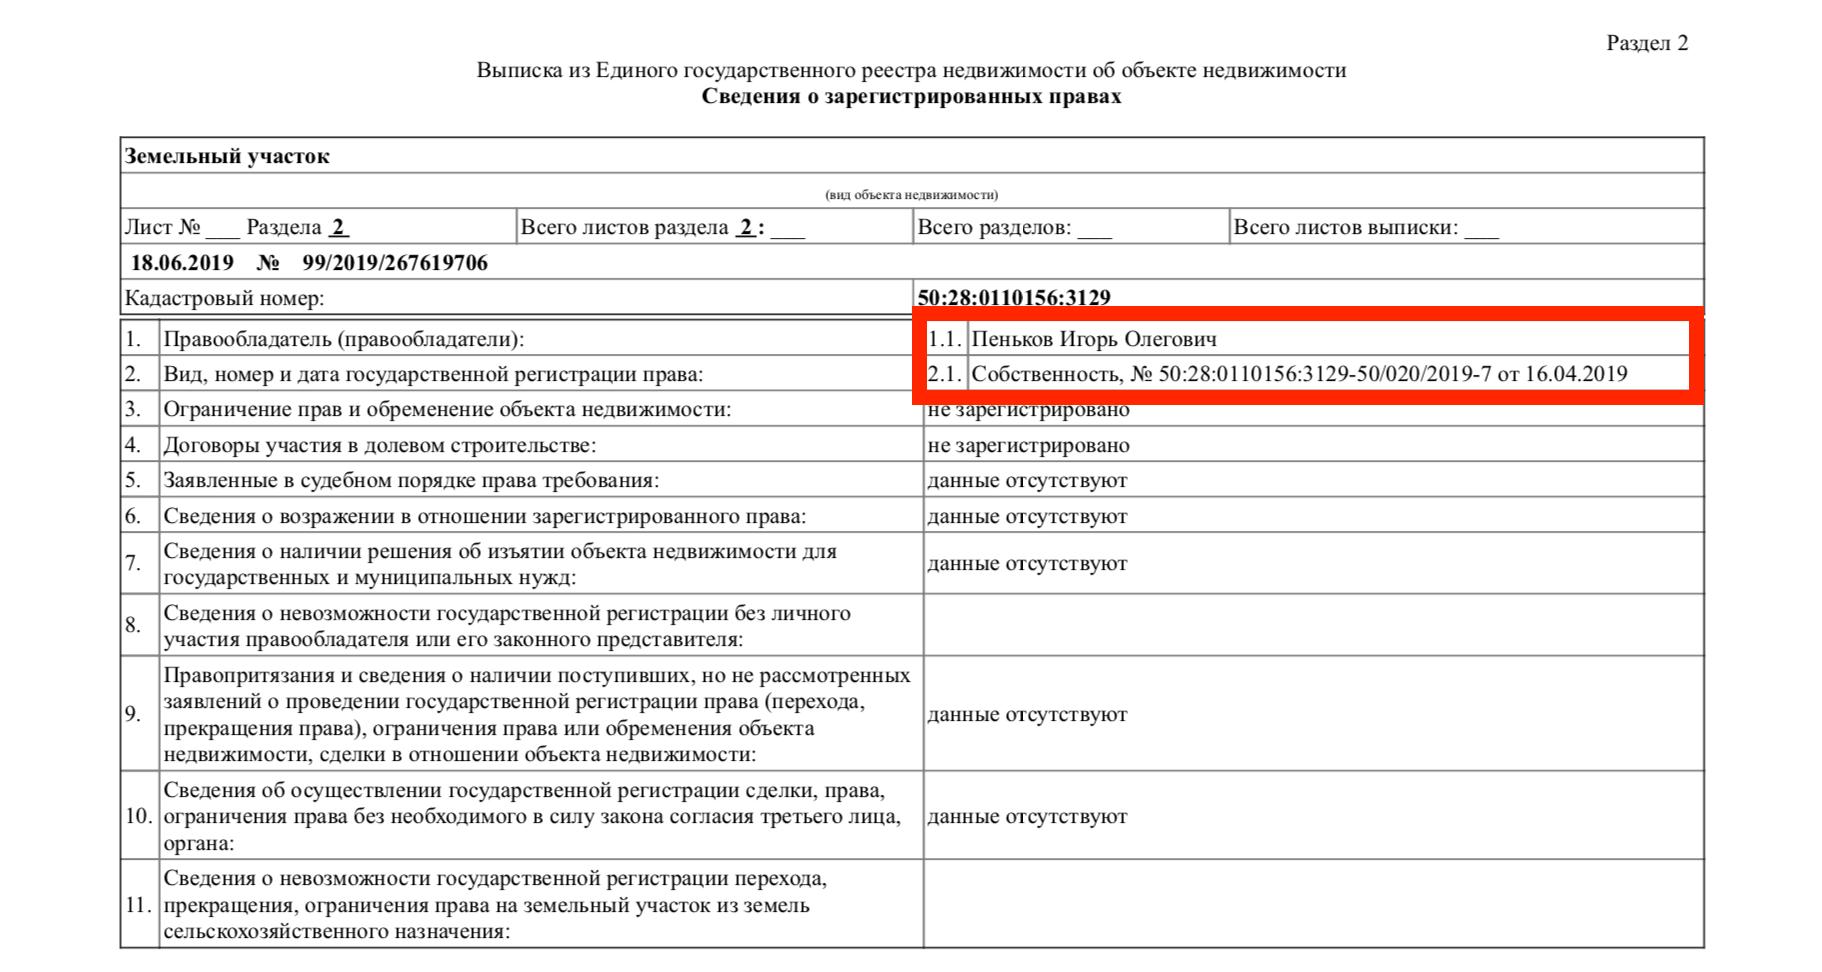 pravo-sobstvennosti-na-zemlyu-arenda-i-registracziya-prav-na-zemelnyj-uchastok-poryadok-mezhevaniya-zemli-2